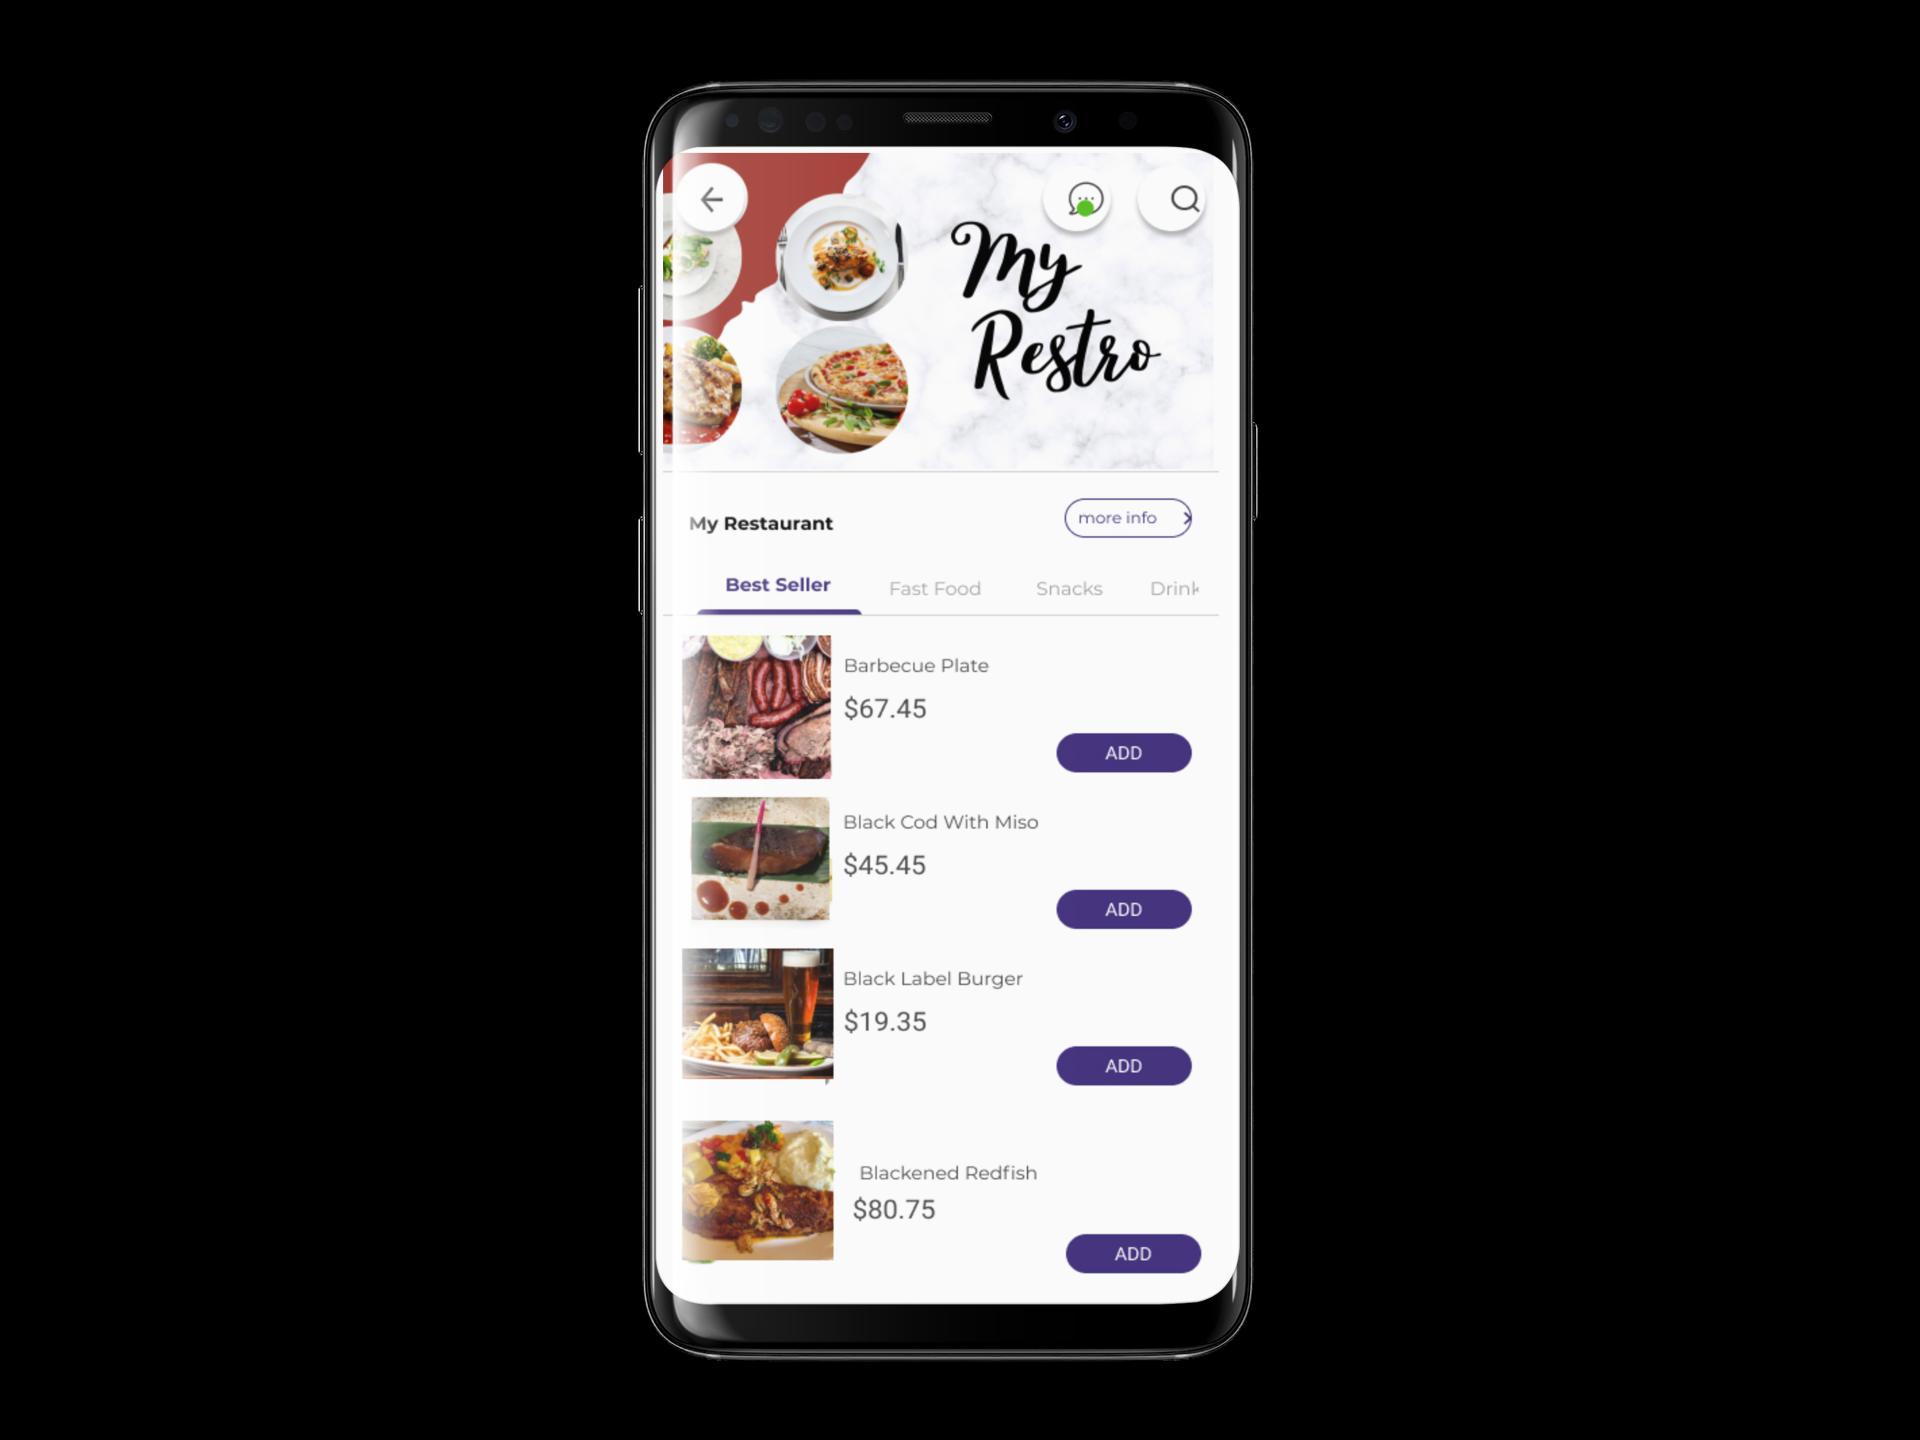 restaurant app samsung galaxy s9 mockup